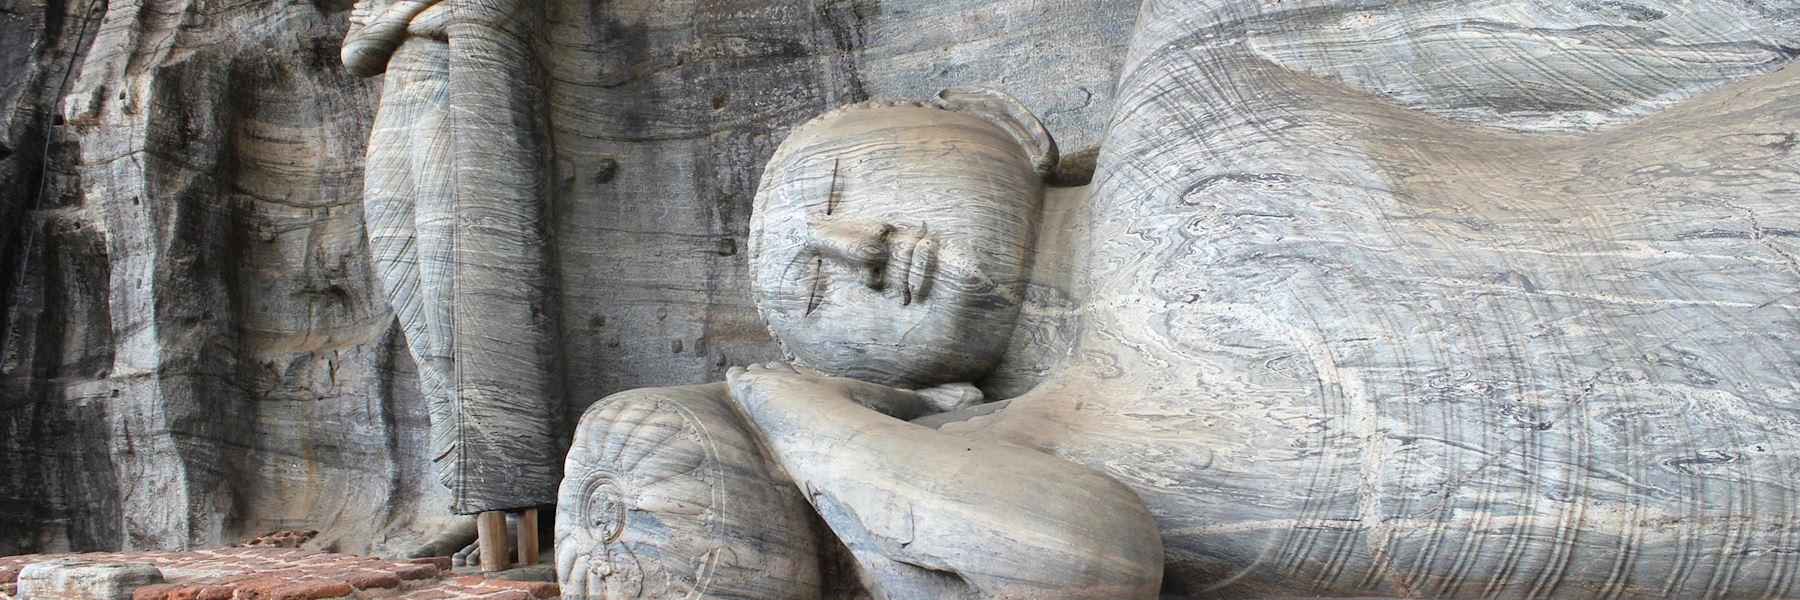 Visit Polonnaruwa, Sri Lanka